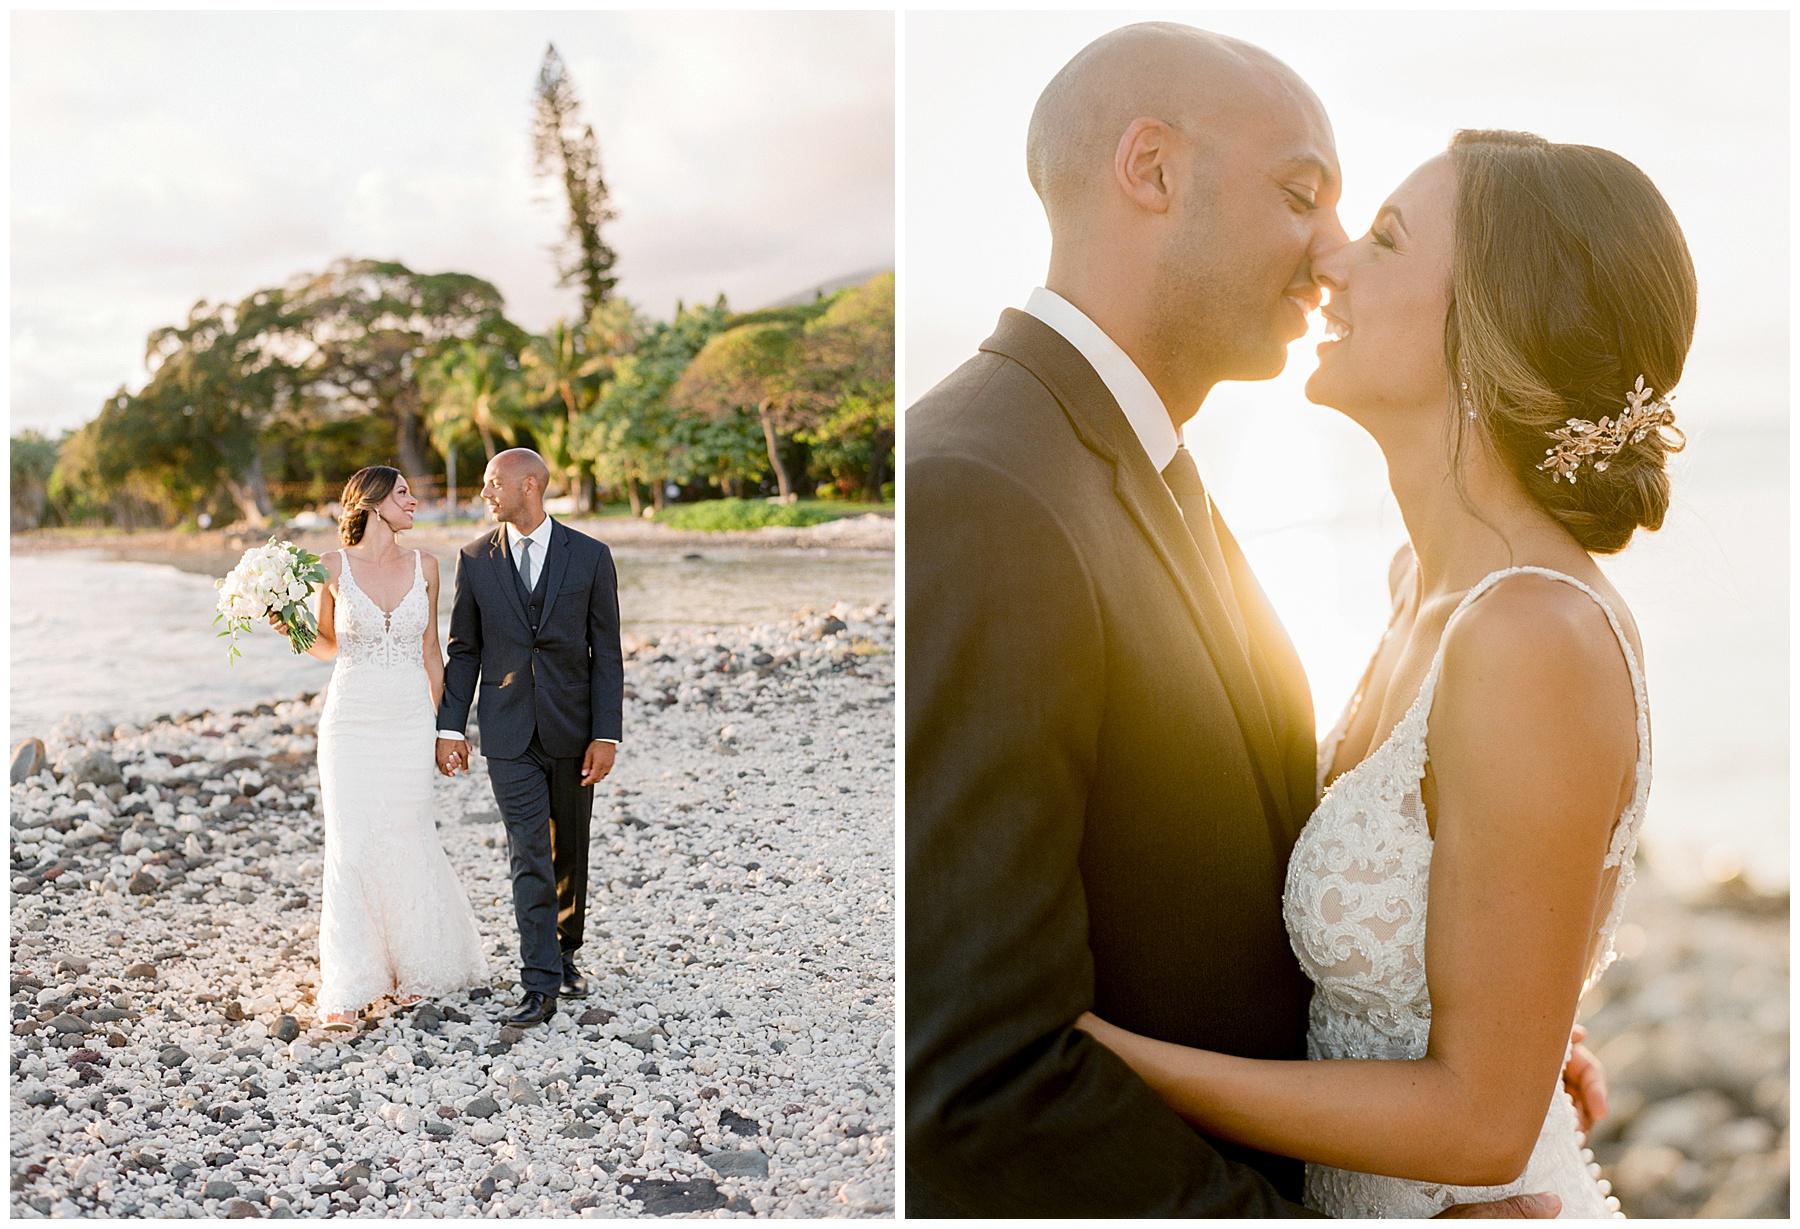 Olowalu-plantation-house-maui-hawaii-wedding-124.jpg